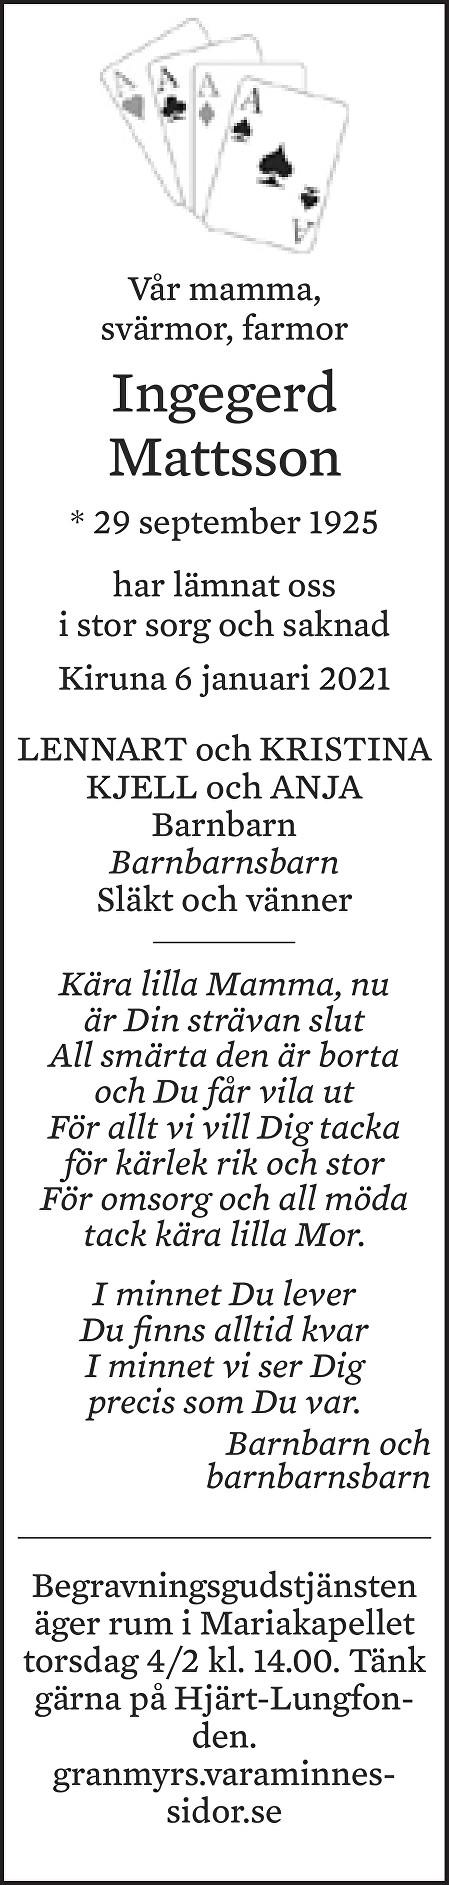 Ingegerd Mattsson Death notice